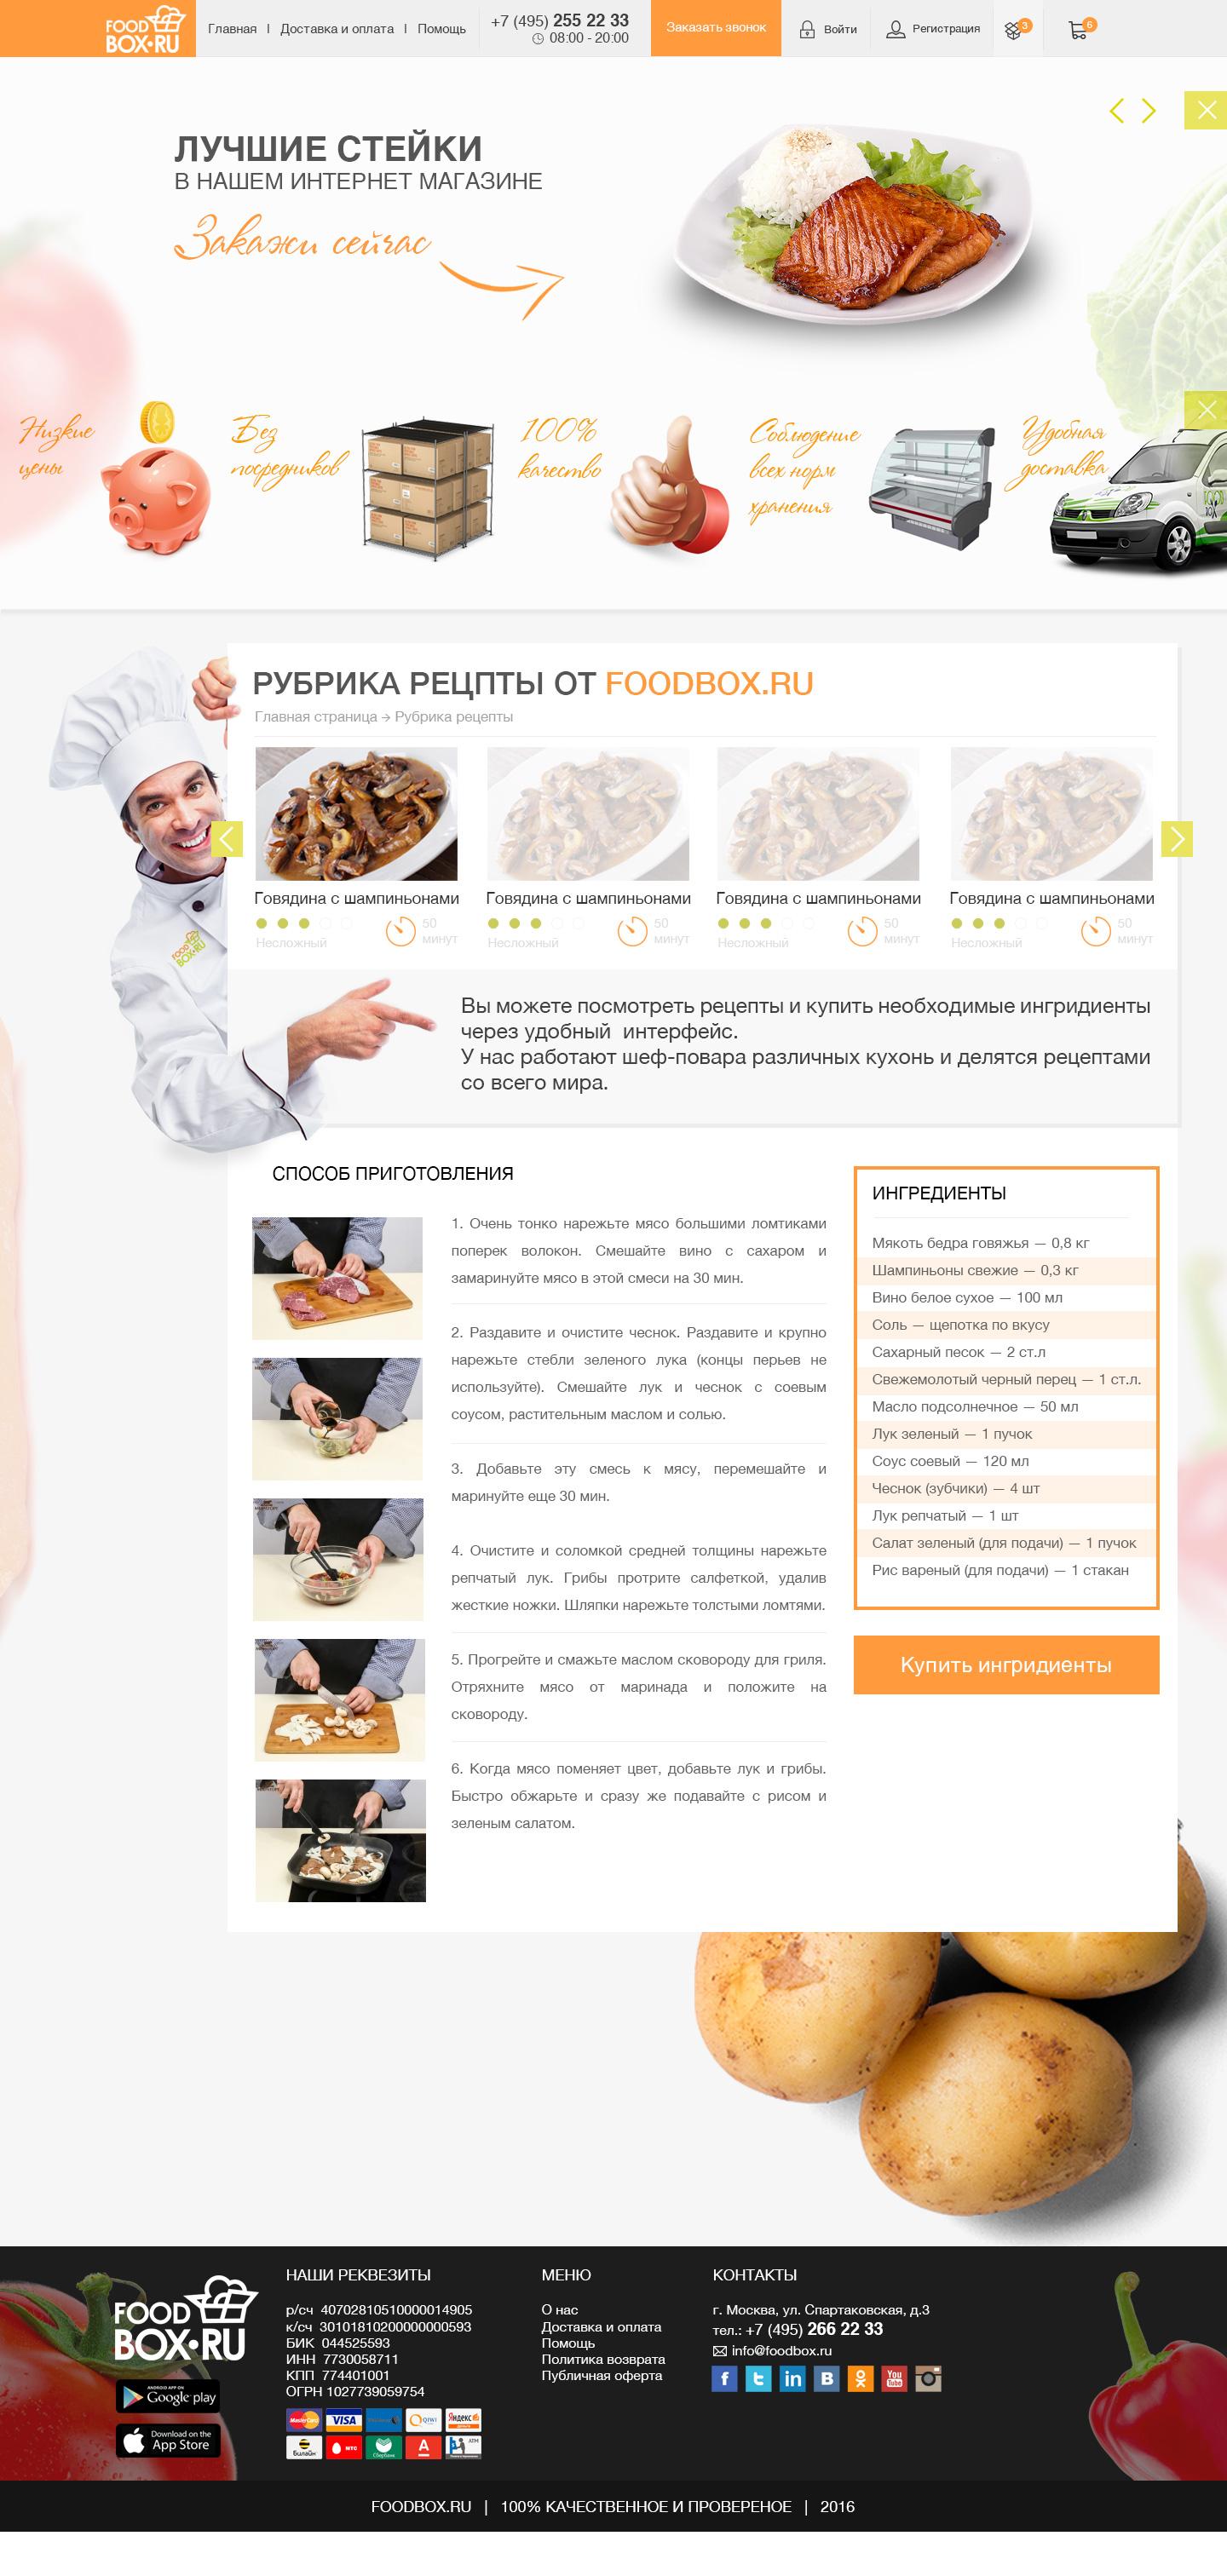 FOODBOX.RU - разработка дизайна сайта, адаптивные версии для планшетов и телефонов